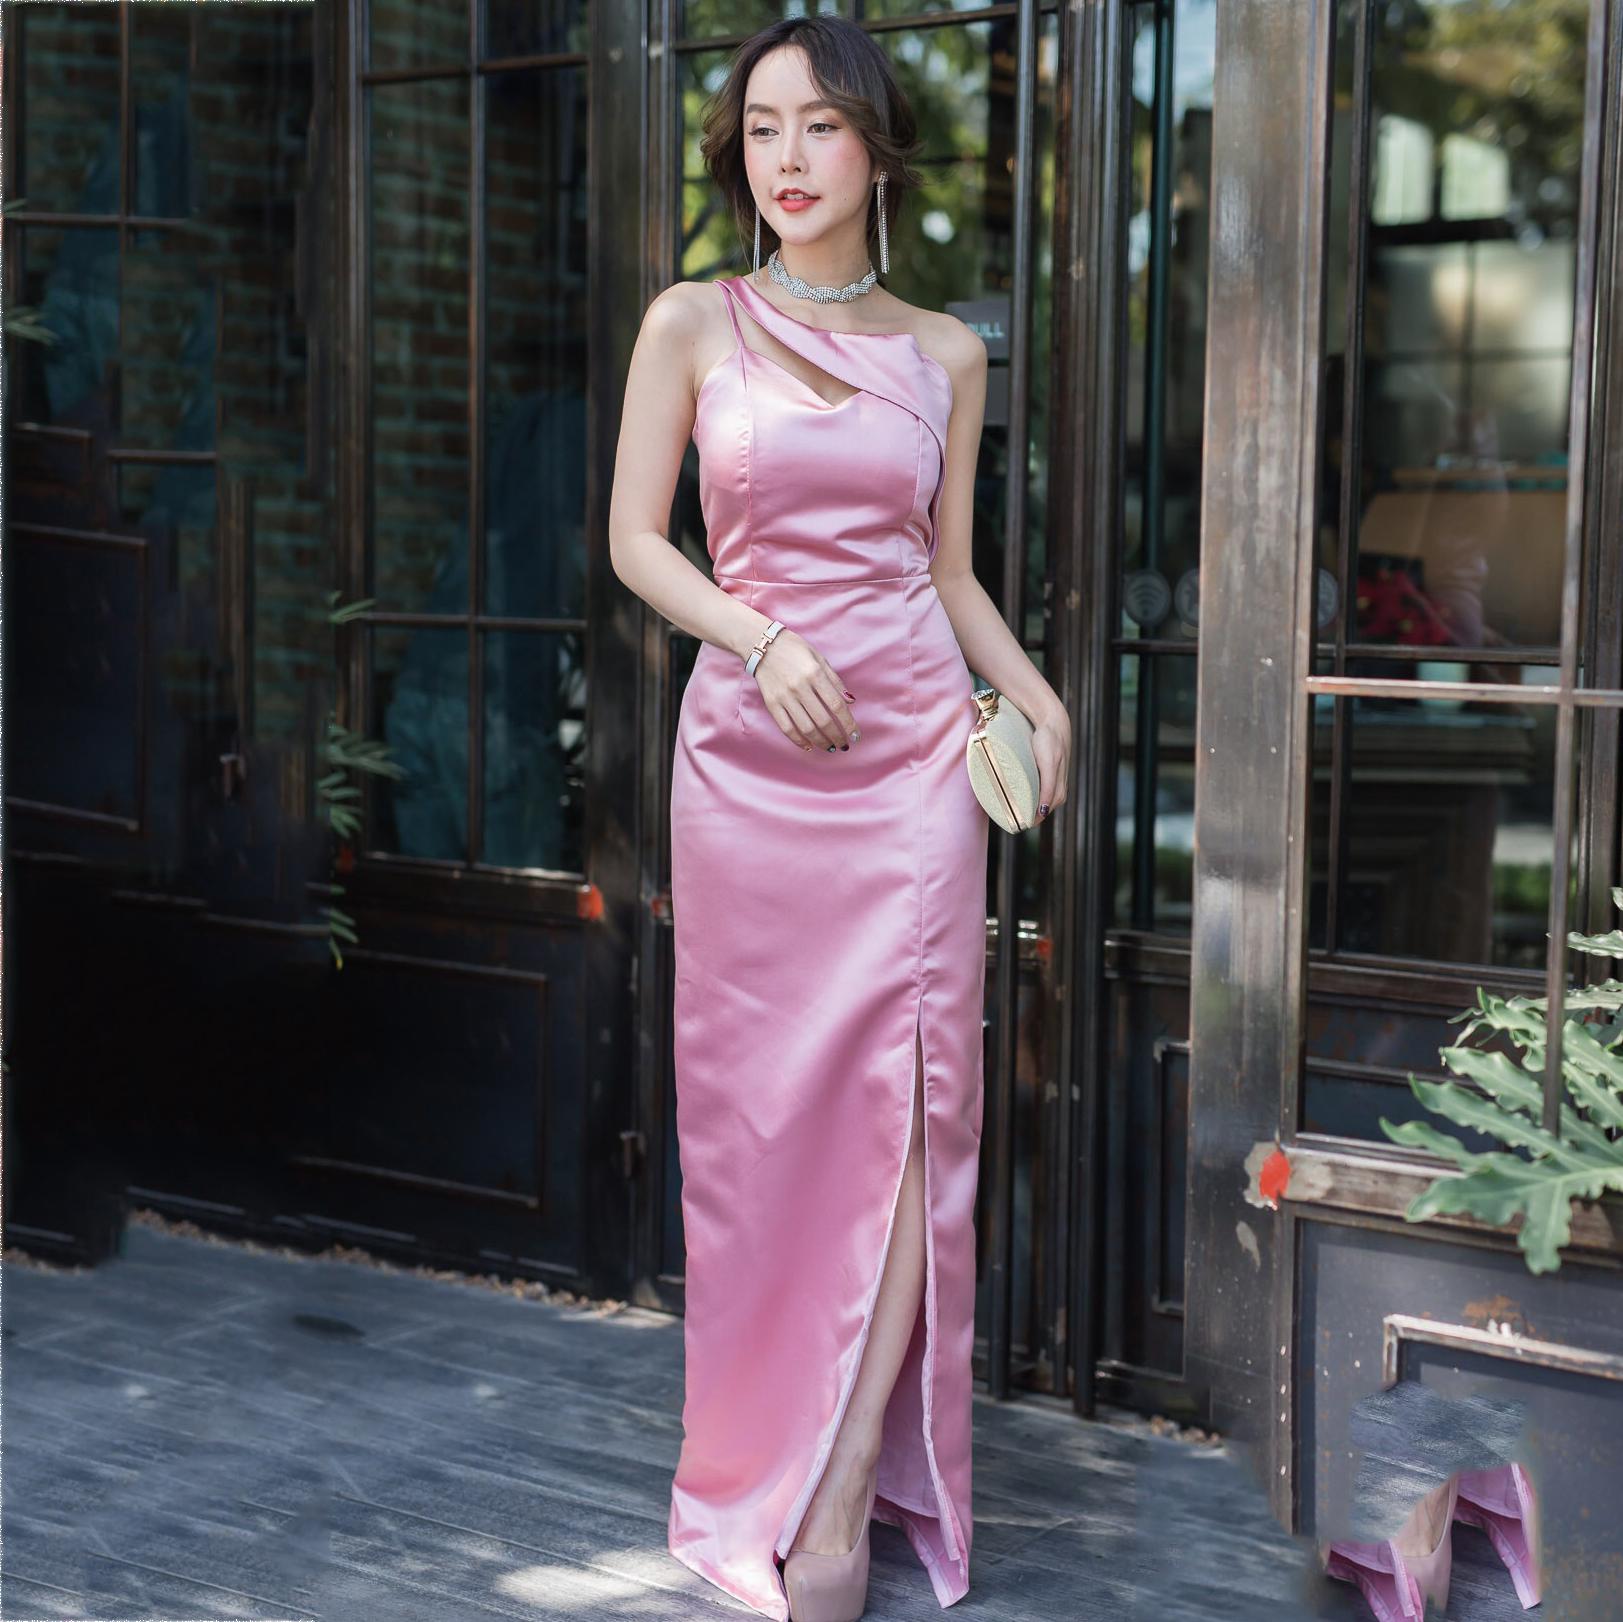 ชุดเดรสออกงานยาวสีชมพู ไหล่เฉียง ทรงเข้ารูป กระโปรงผ่าหน้า ผ้าไหมออนแกนดี้ ลุคเรียบหรู สวย หรู ใส่ออกงานได้ทุกงาน